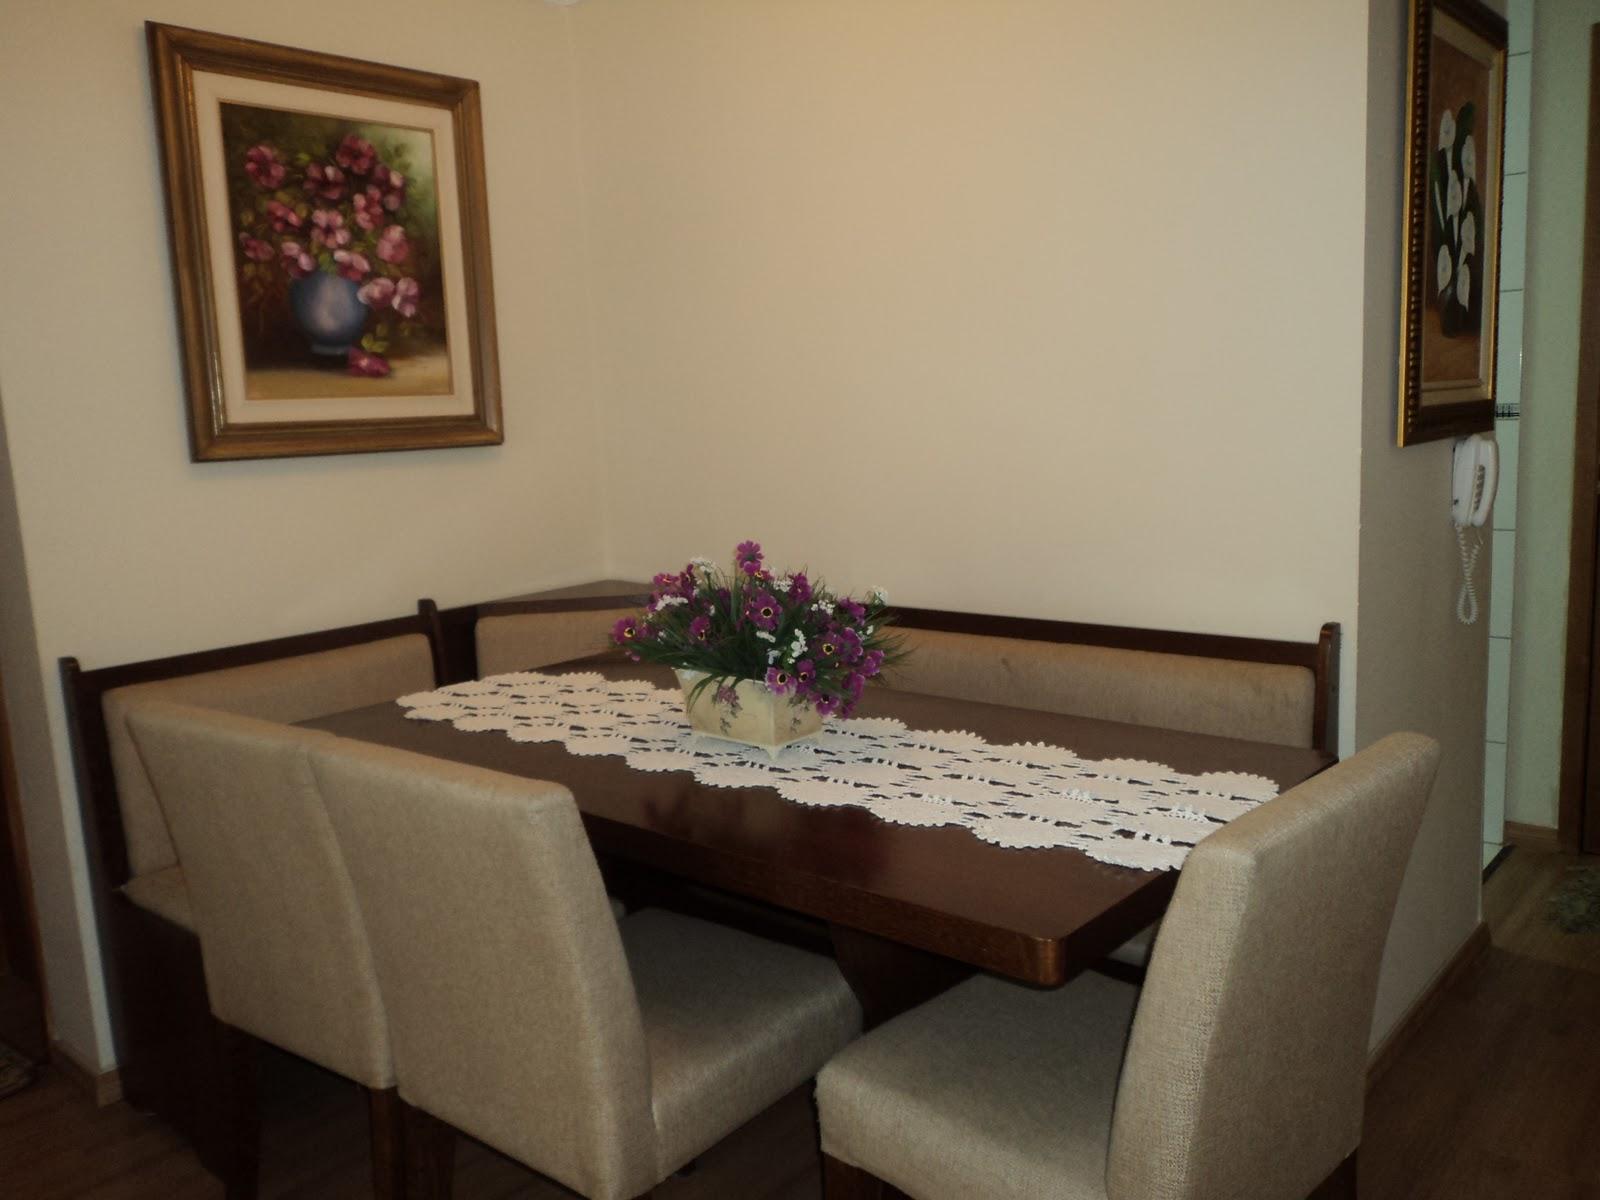 Salas De Jantar Pequenas Com Papel De Parede Pendente Para Sala  -> Sala De Jantar Pequena Com Espelho Na Parede